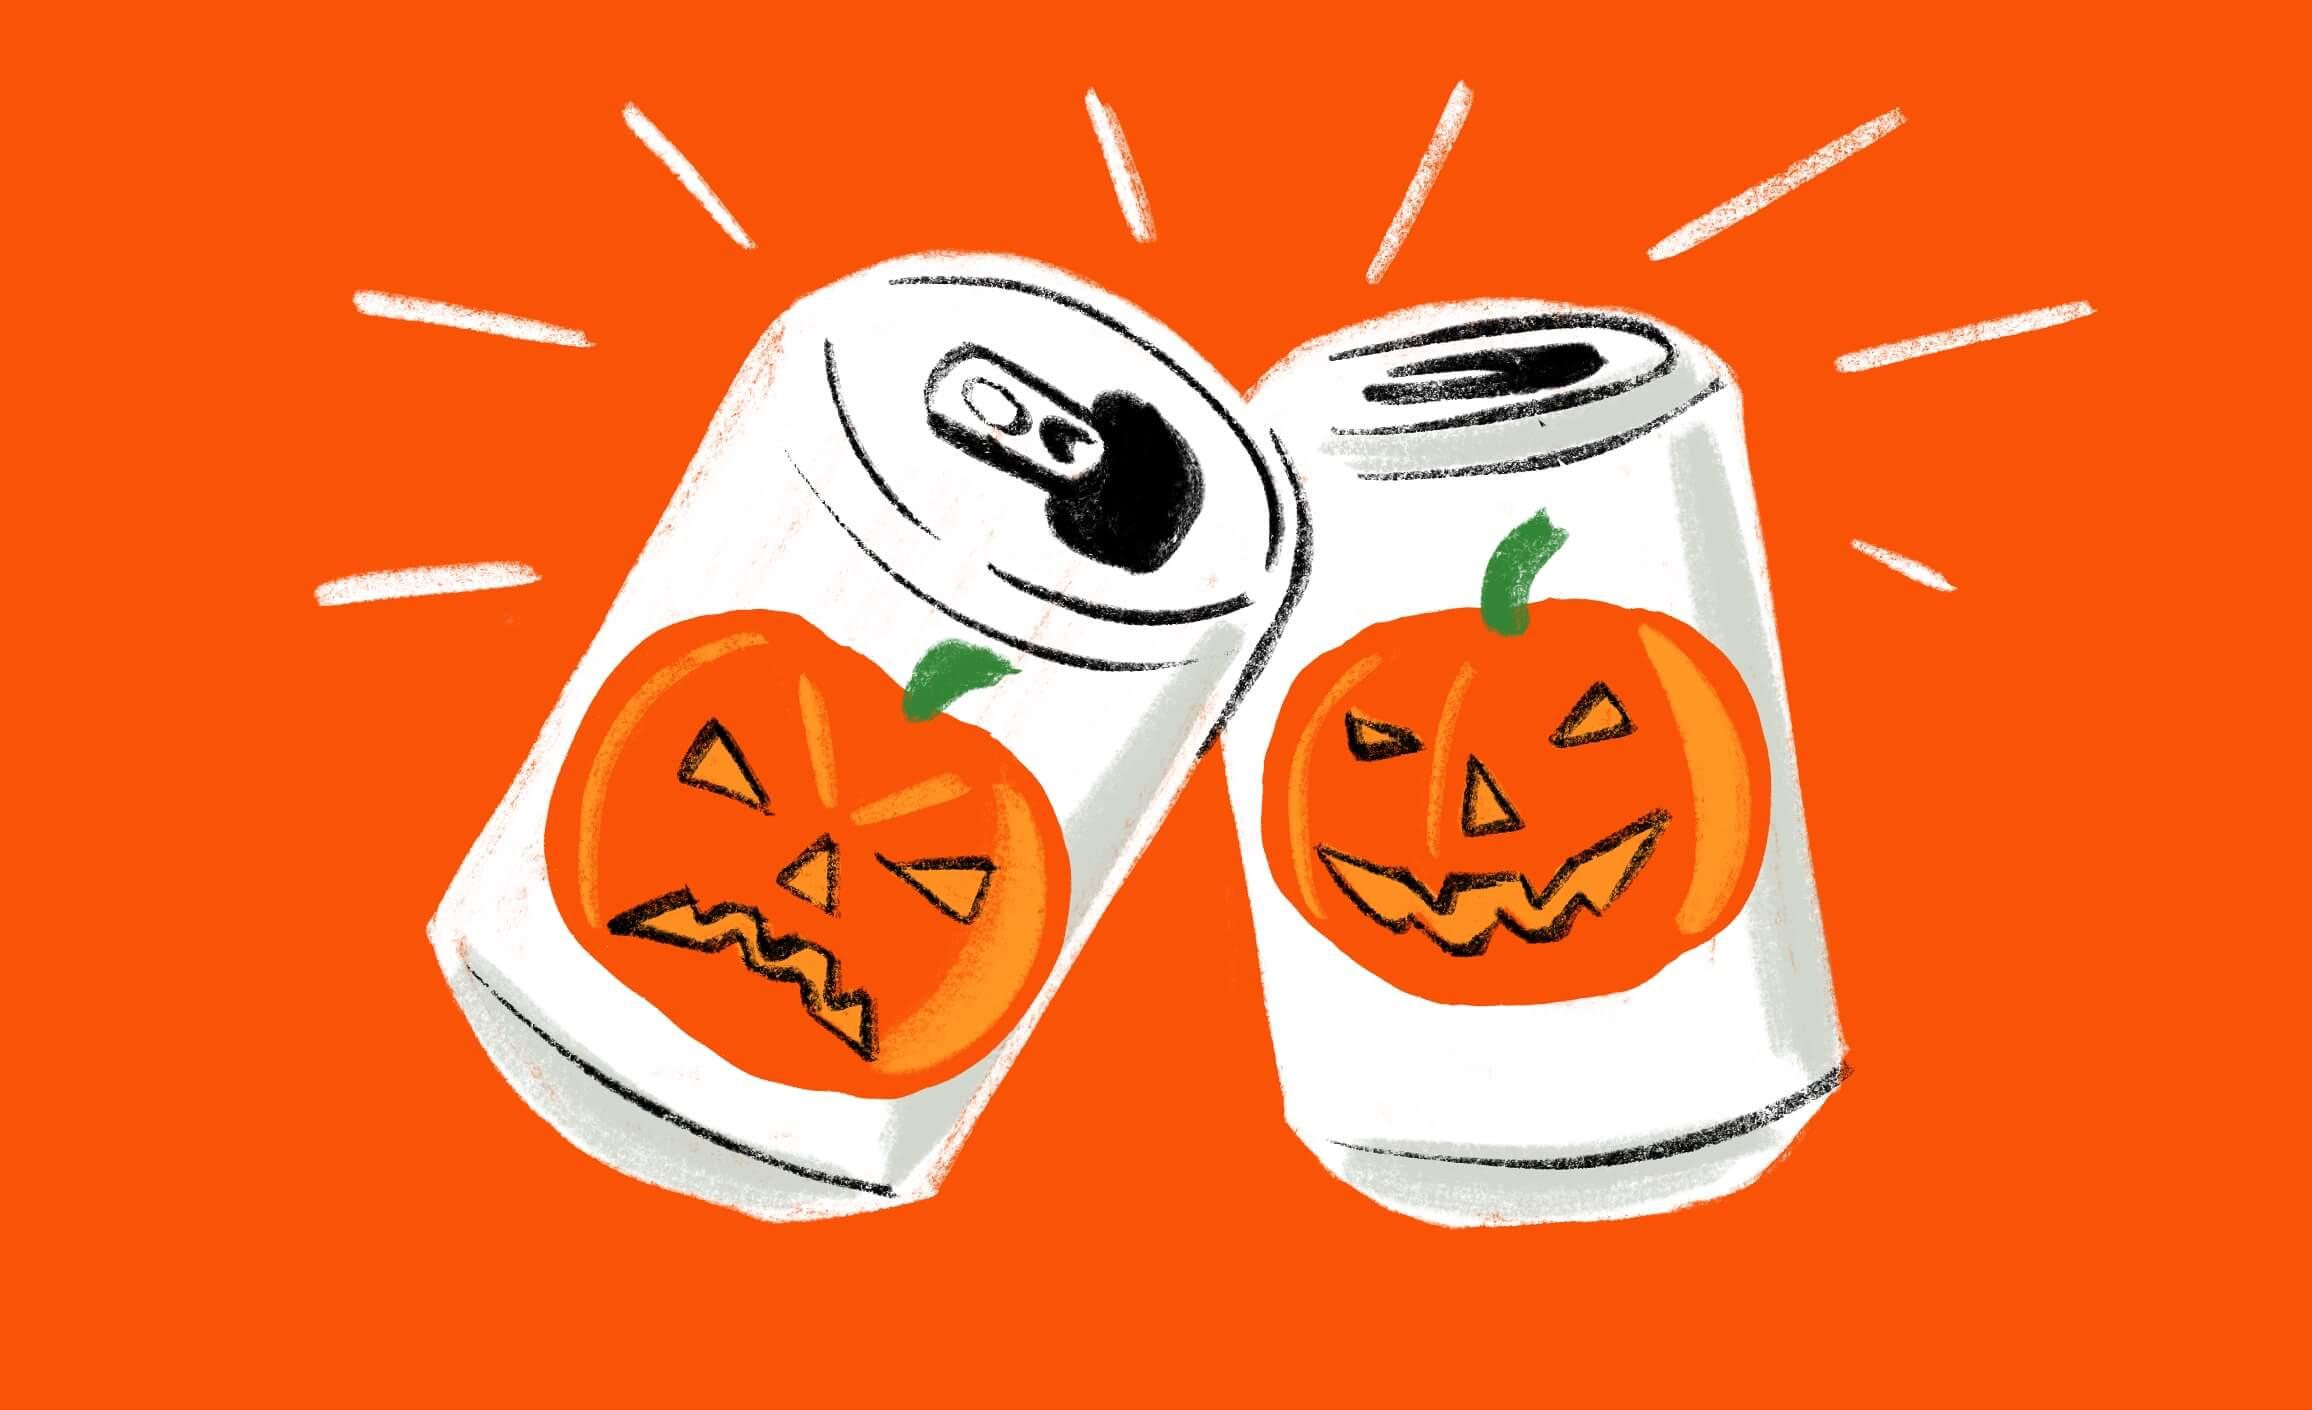 Does Pumpkin Beer Deserve a Bad Rap?